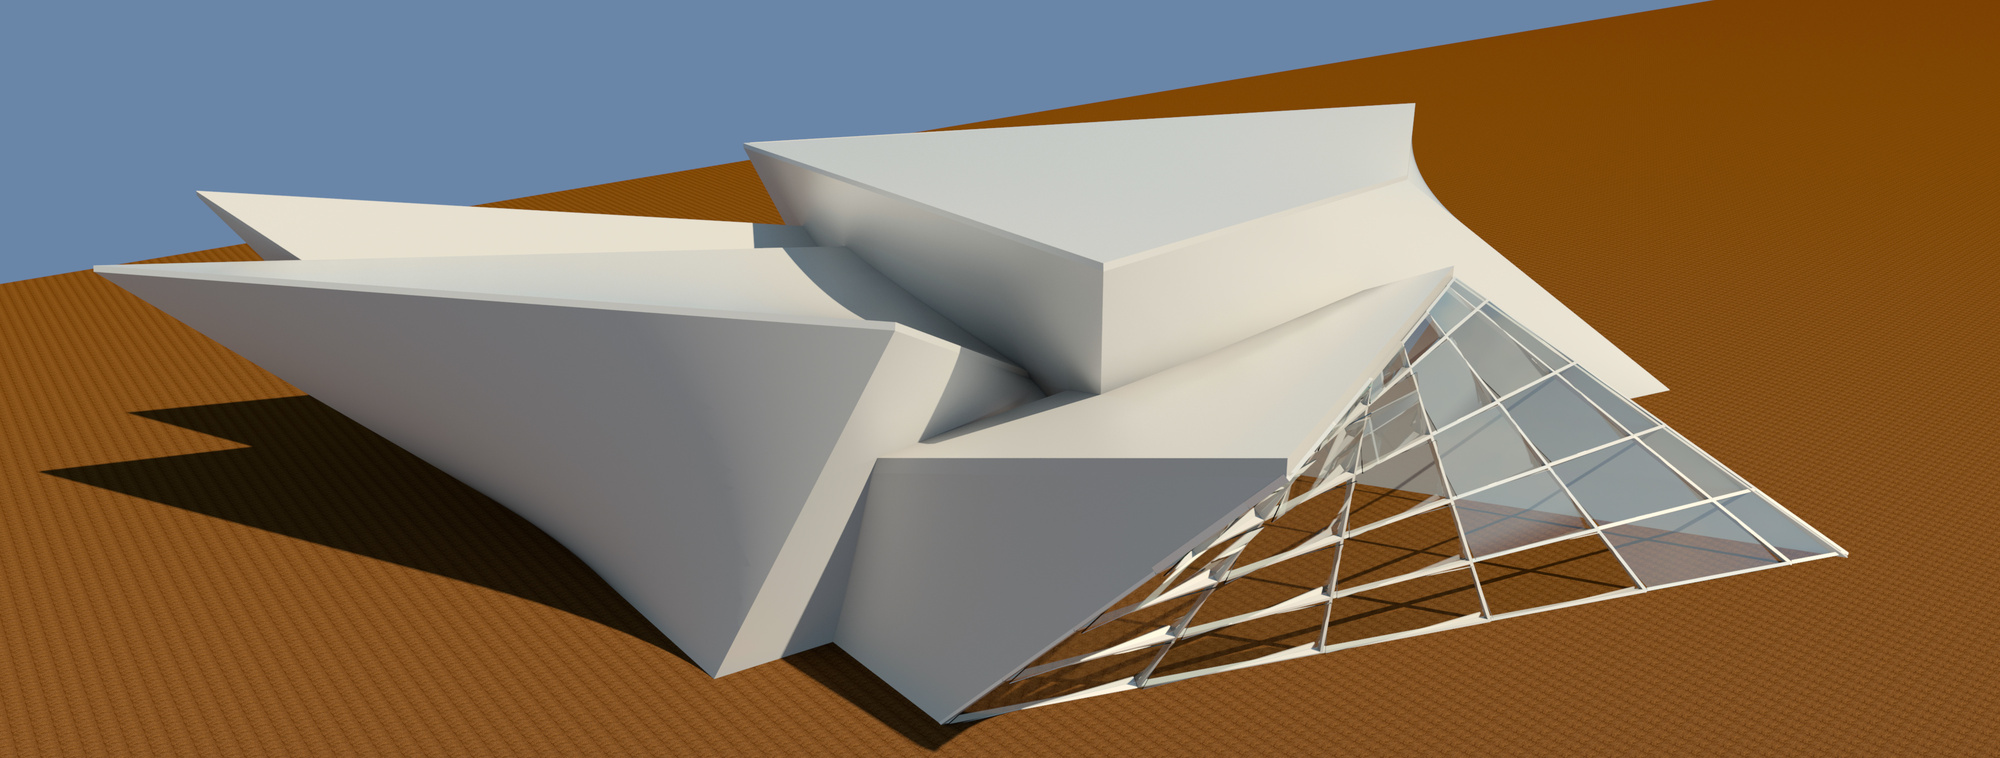 Raas-rendering20150511-13059-vgir0i